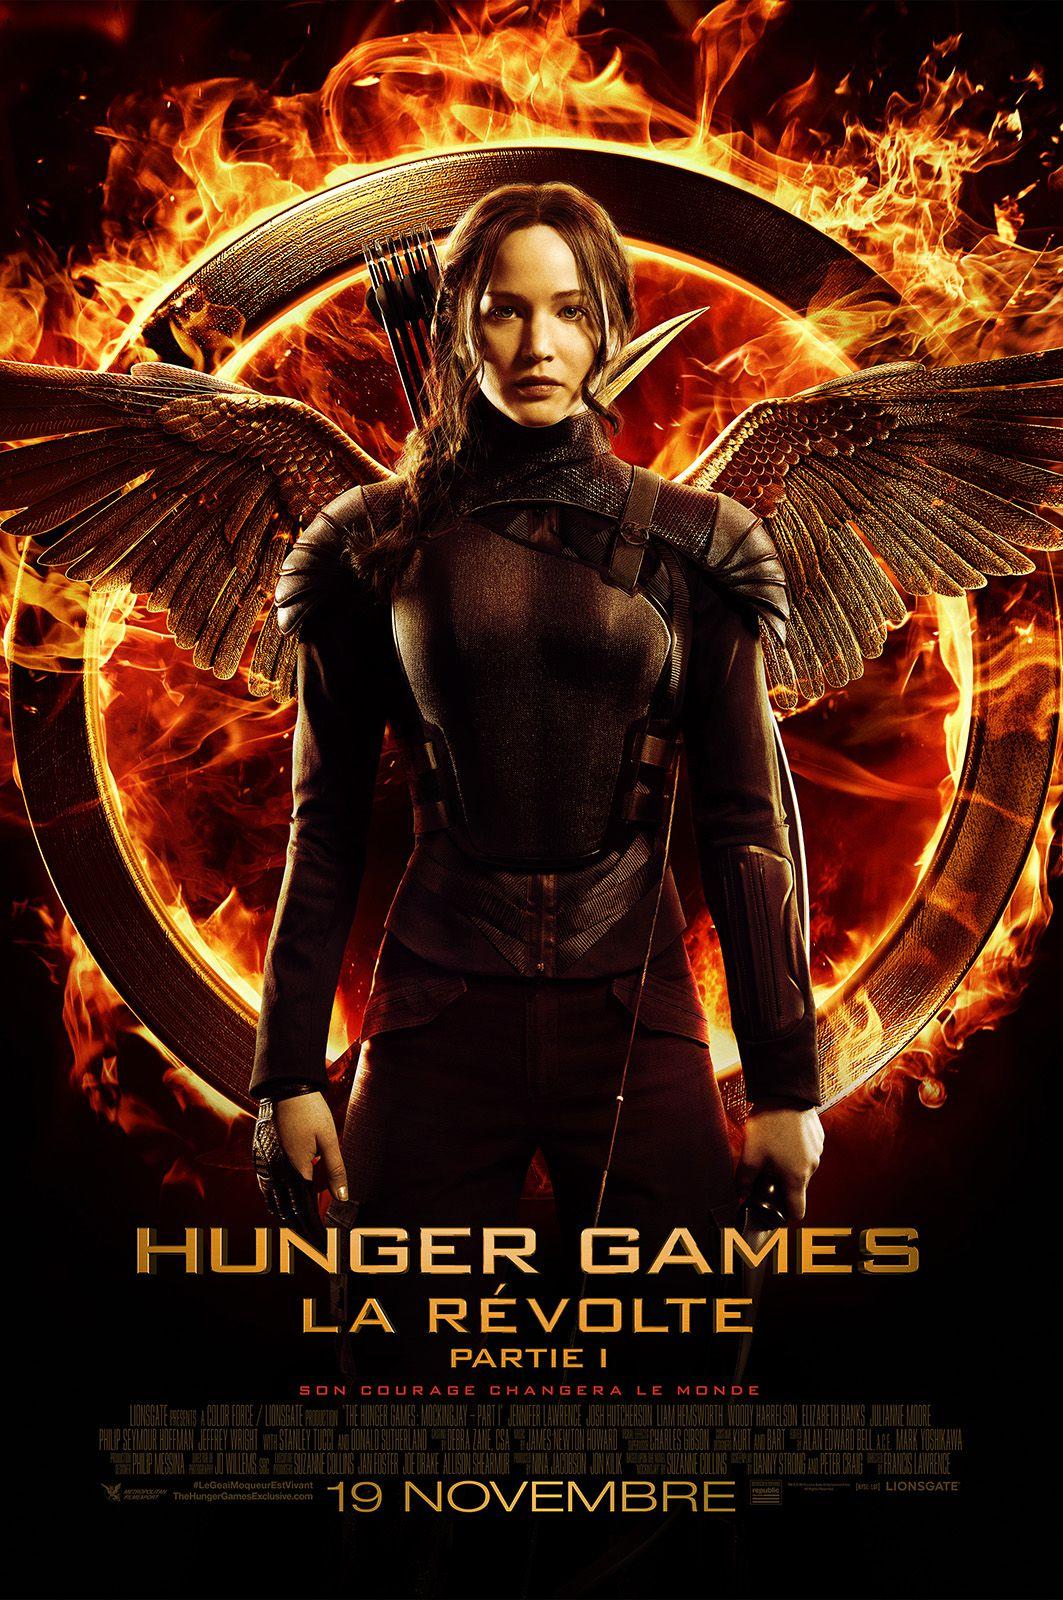 Hunger Games : La Révolte, partie 1 - Film (2014)